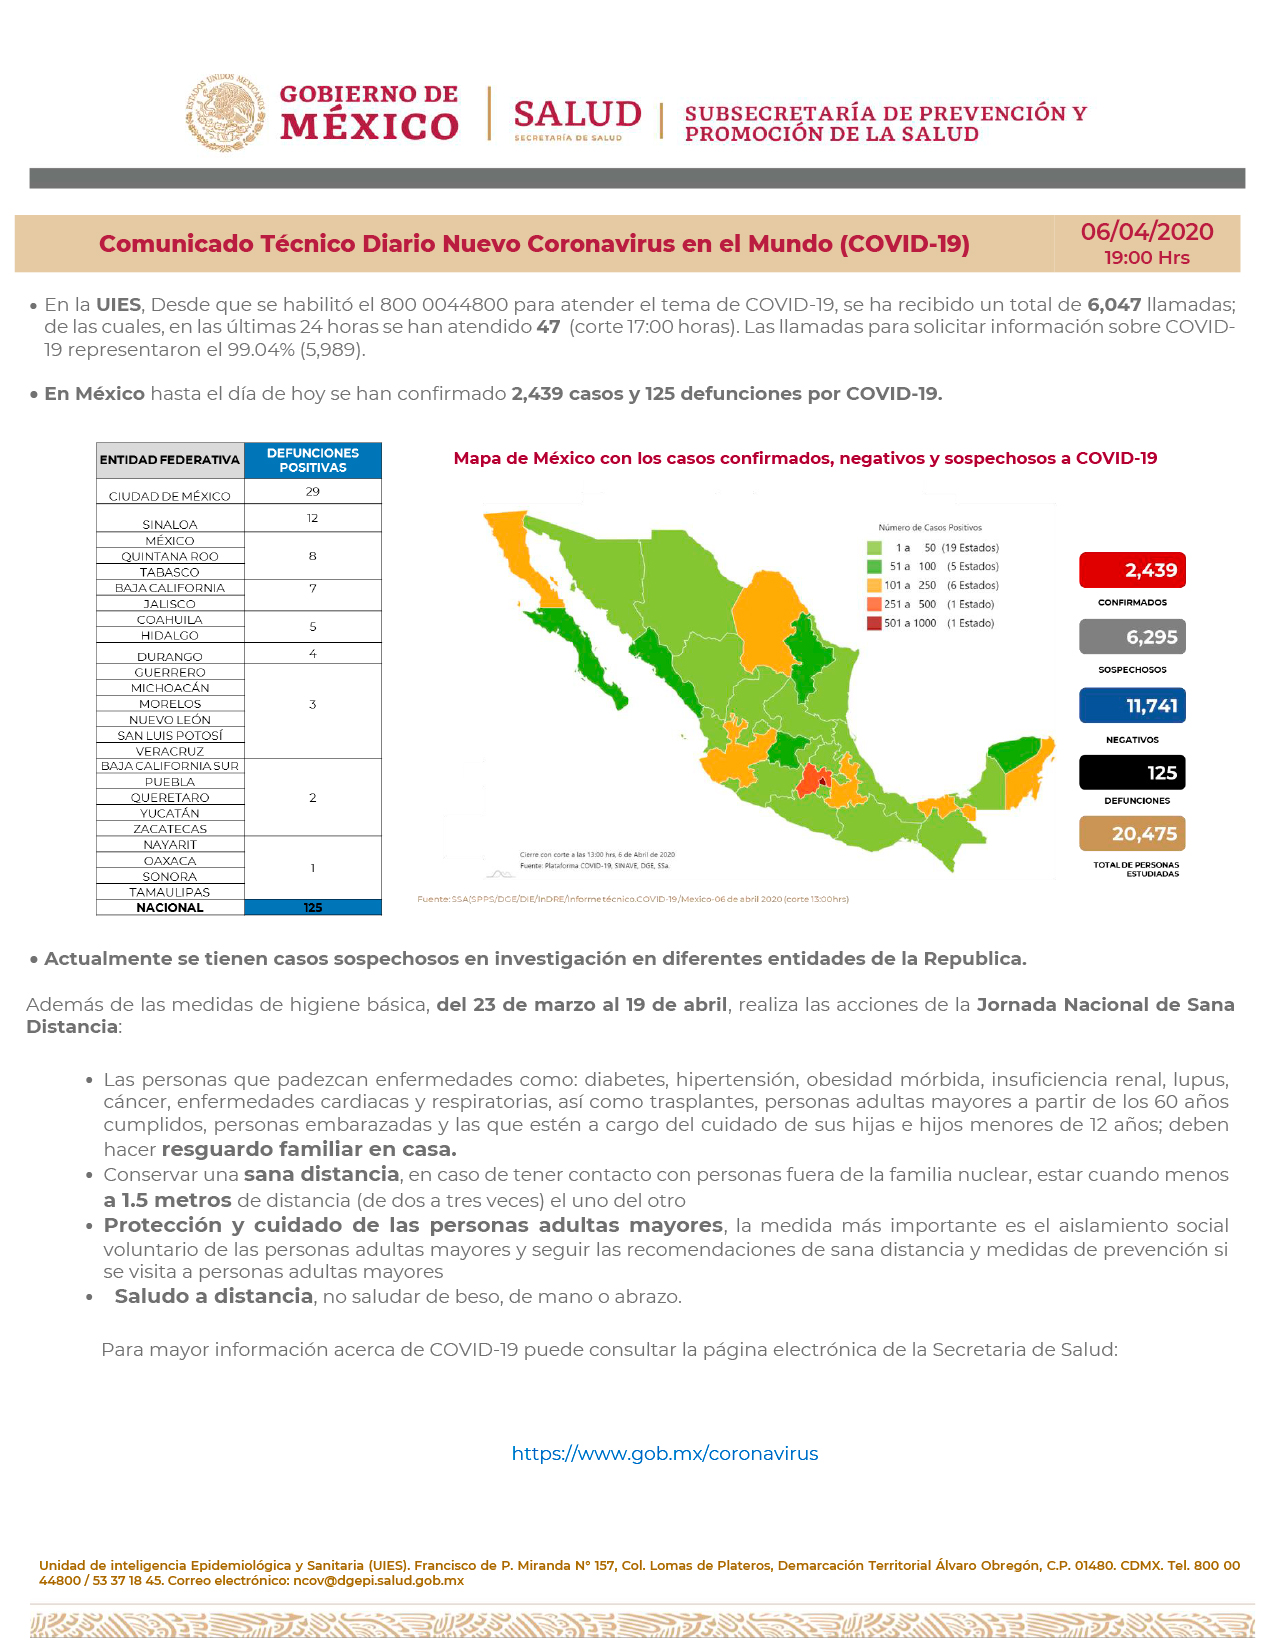 /cms/uploads/image/file/576721/Comunicado_Tecnico_Diario_COVID-19_2020.04.06-2.jpg